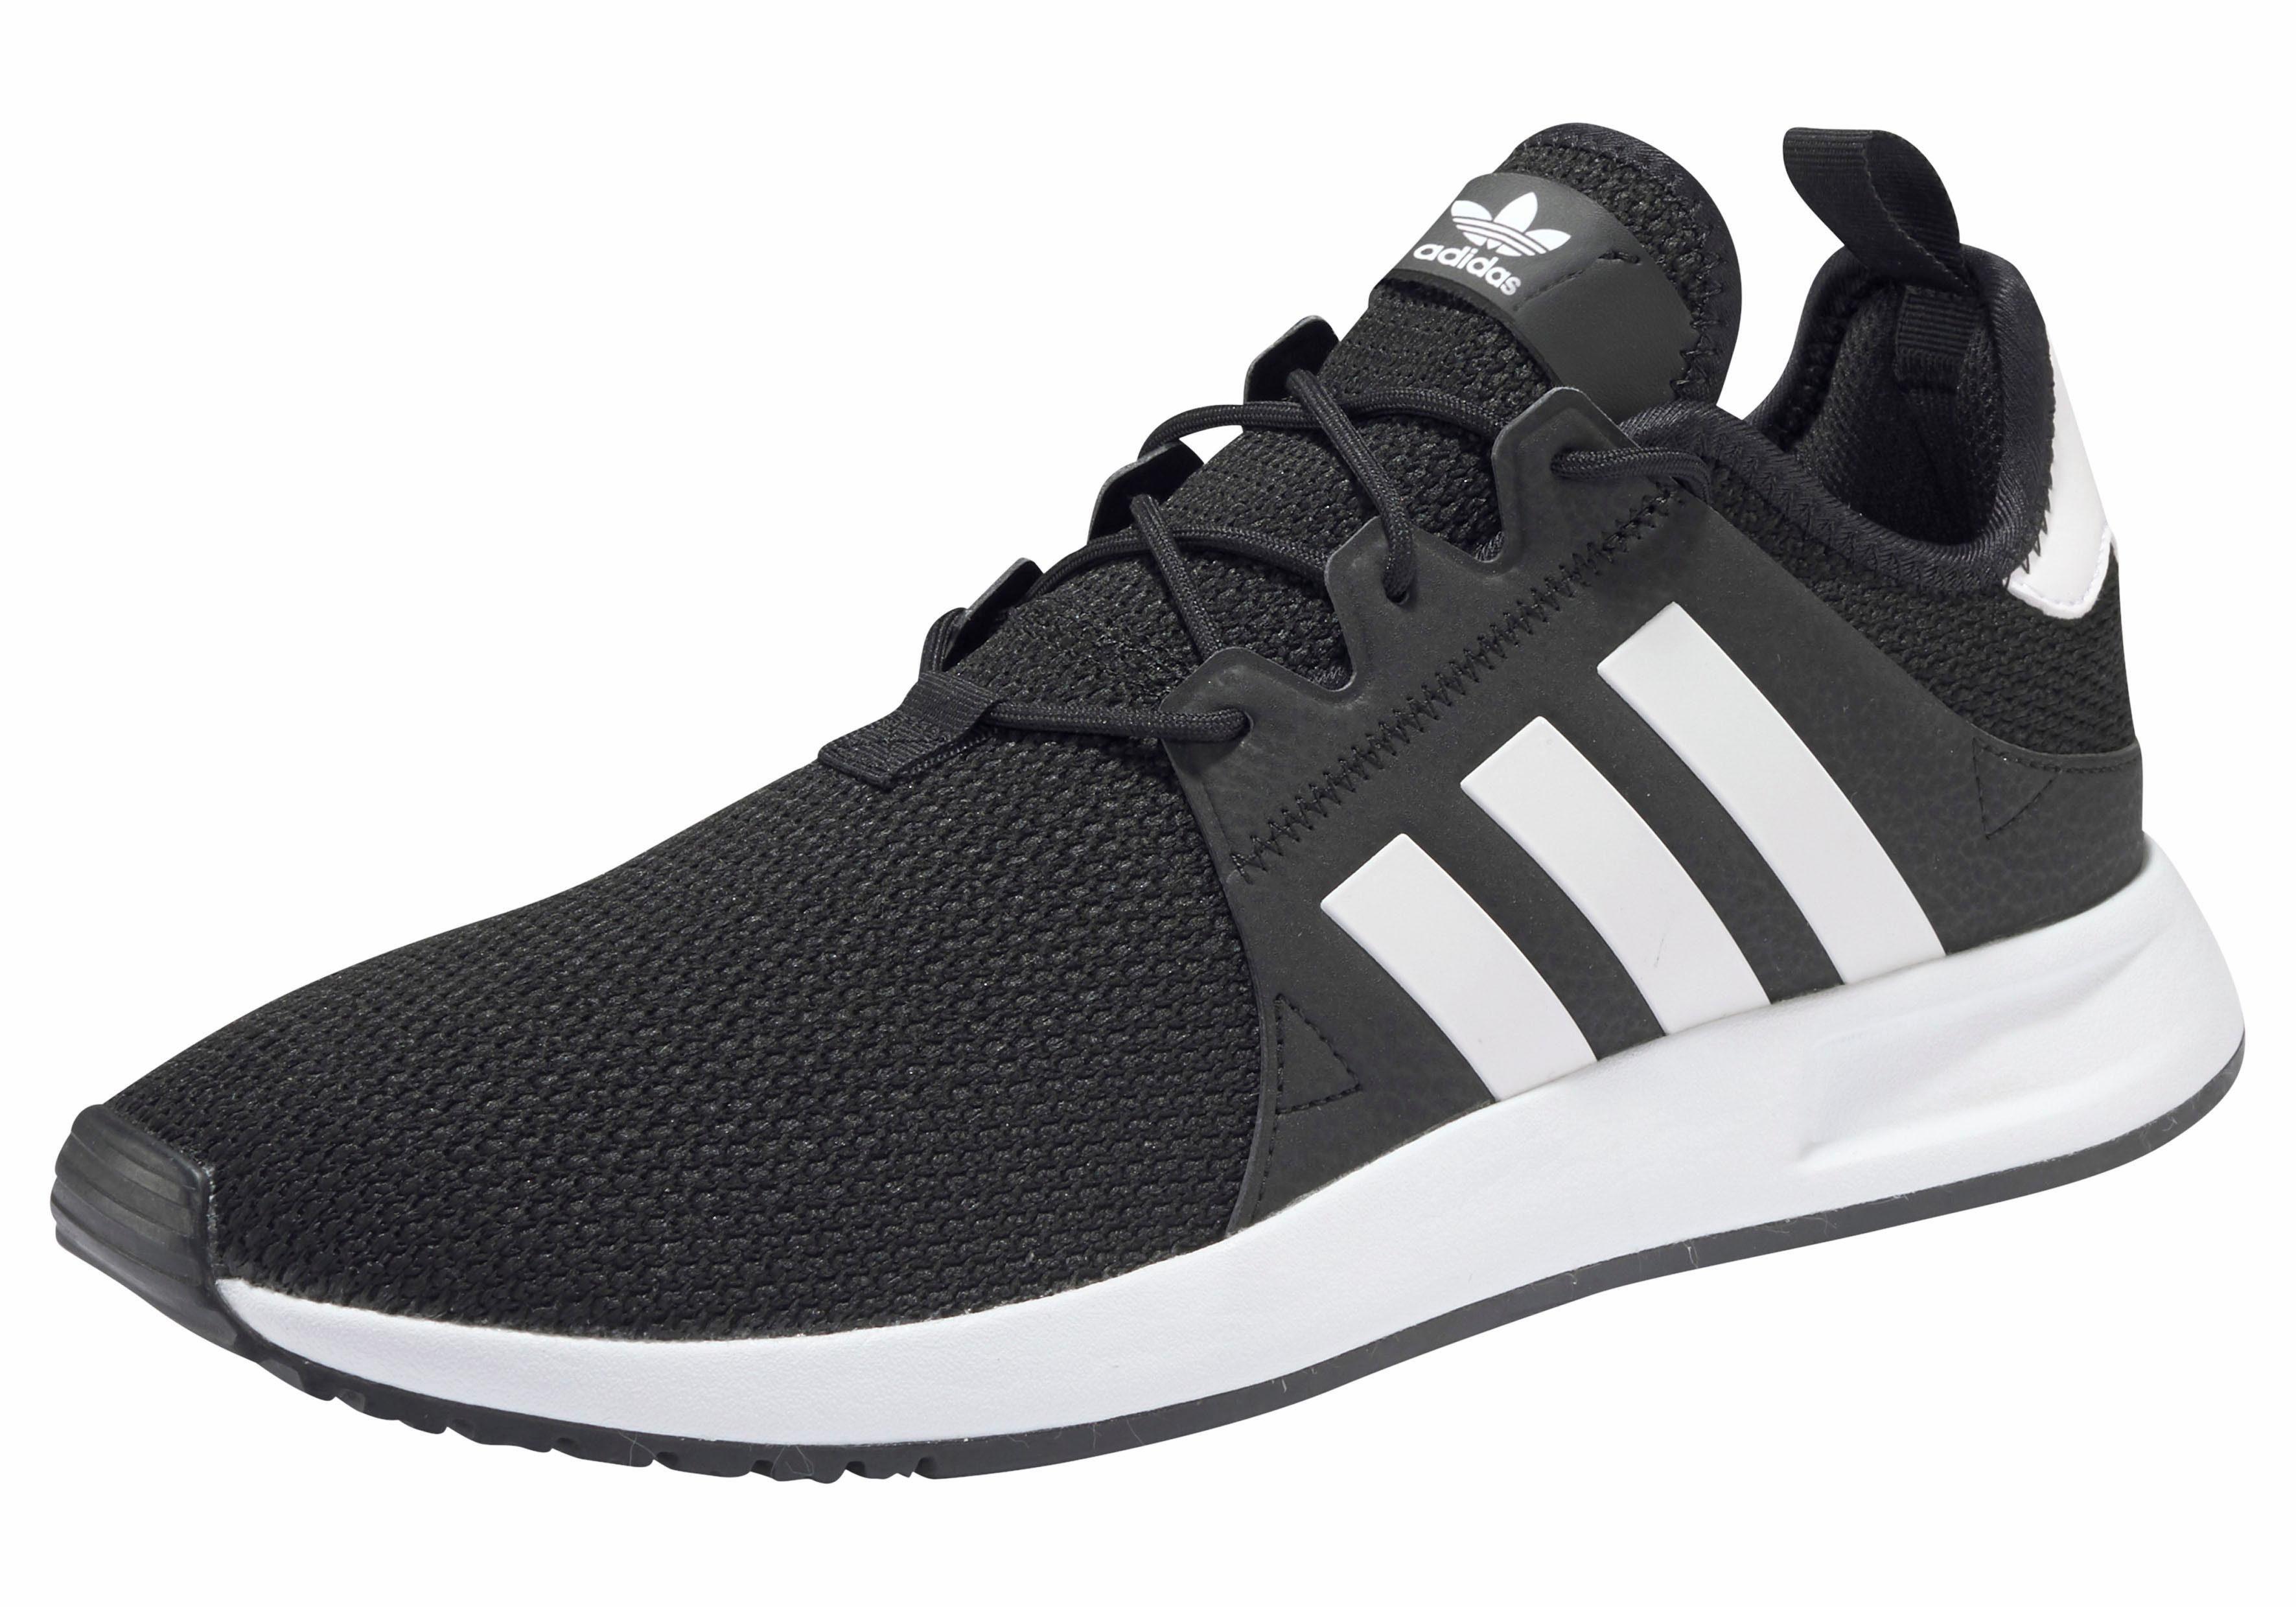 adidas Originals »X_PLR« Sneaker, Modischer Sneaker von adidas online kaufen | OTTO